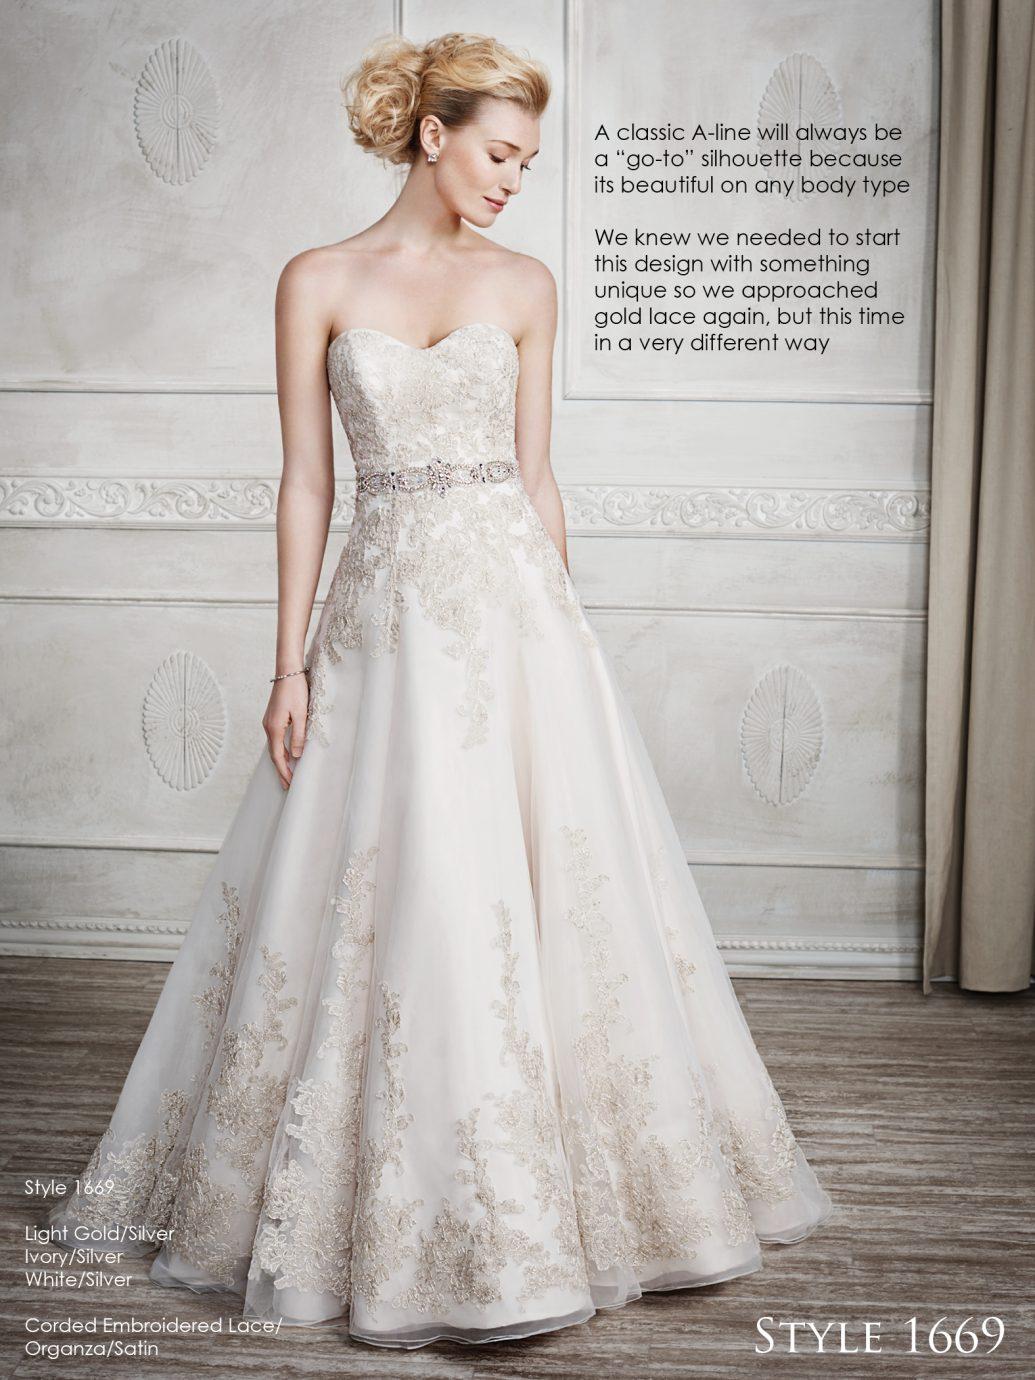 1669 menyasszonyi ruha  103f541753